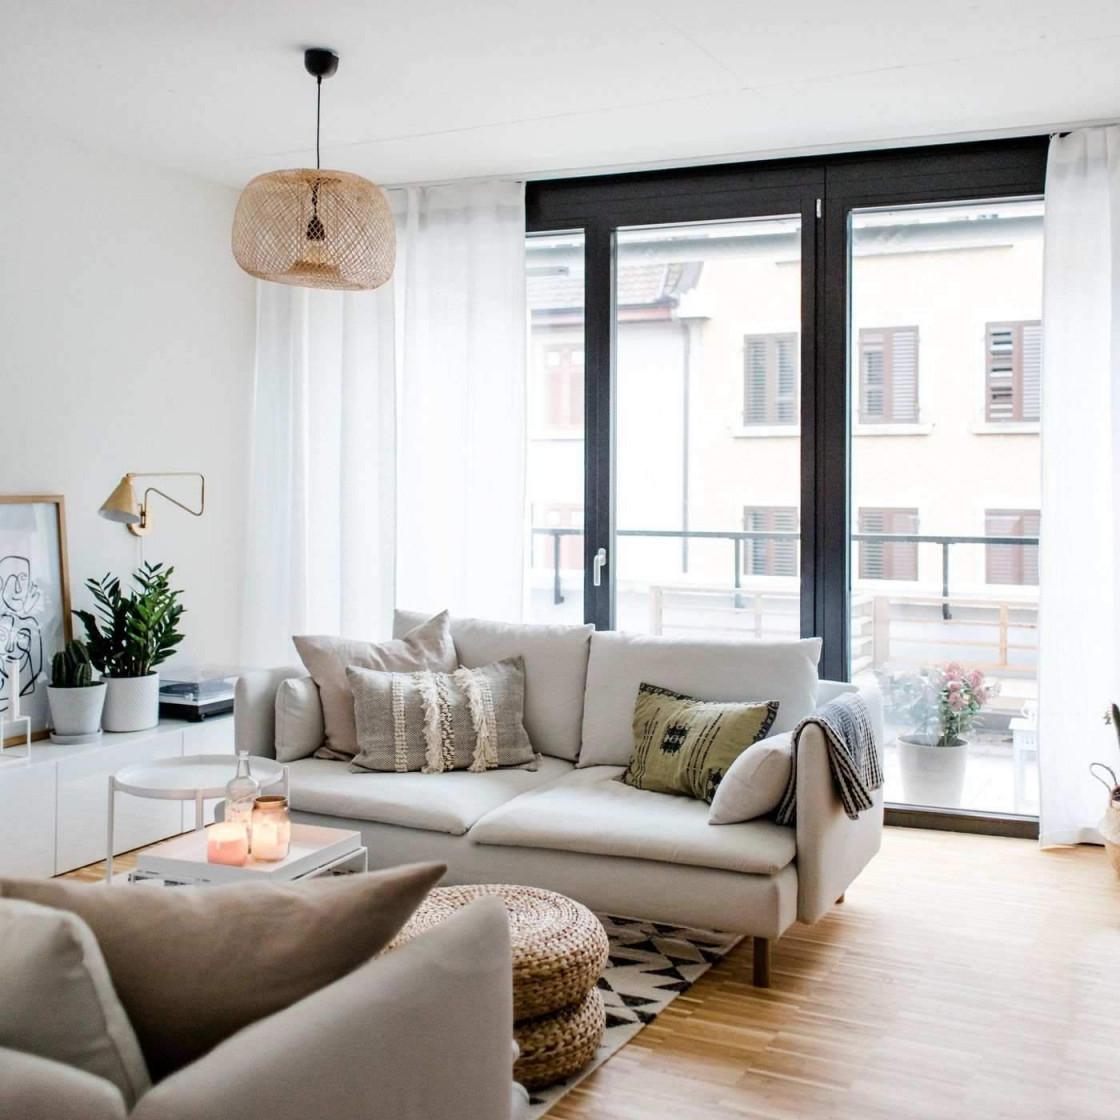 32 Luxus Kleine Wohnzimmer Modern Einrichten Genial von Wohnzimmer Einrichten Klein Bild